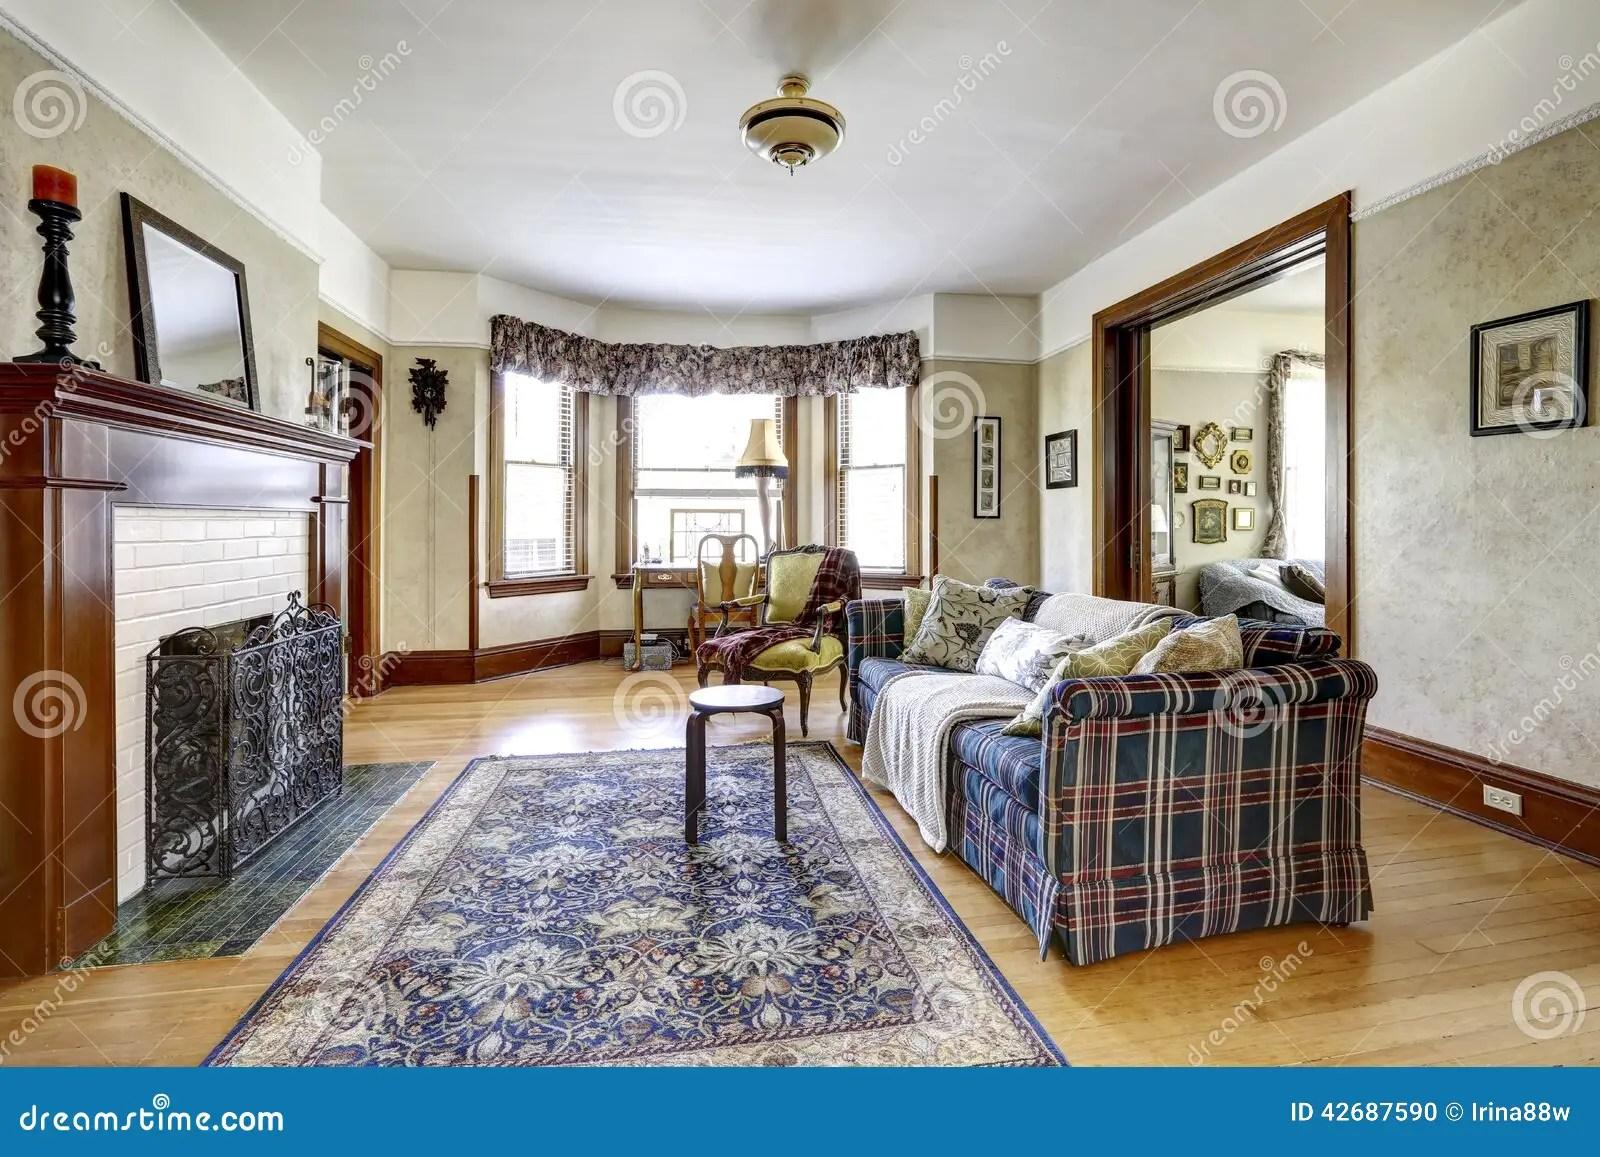 Intrieur Maison Amricaine